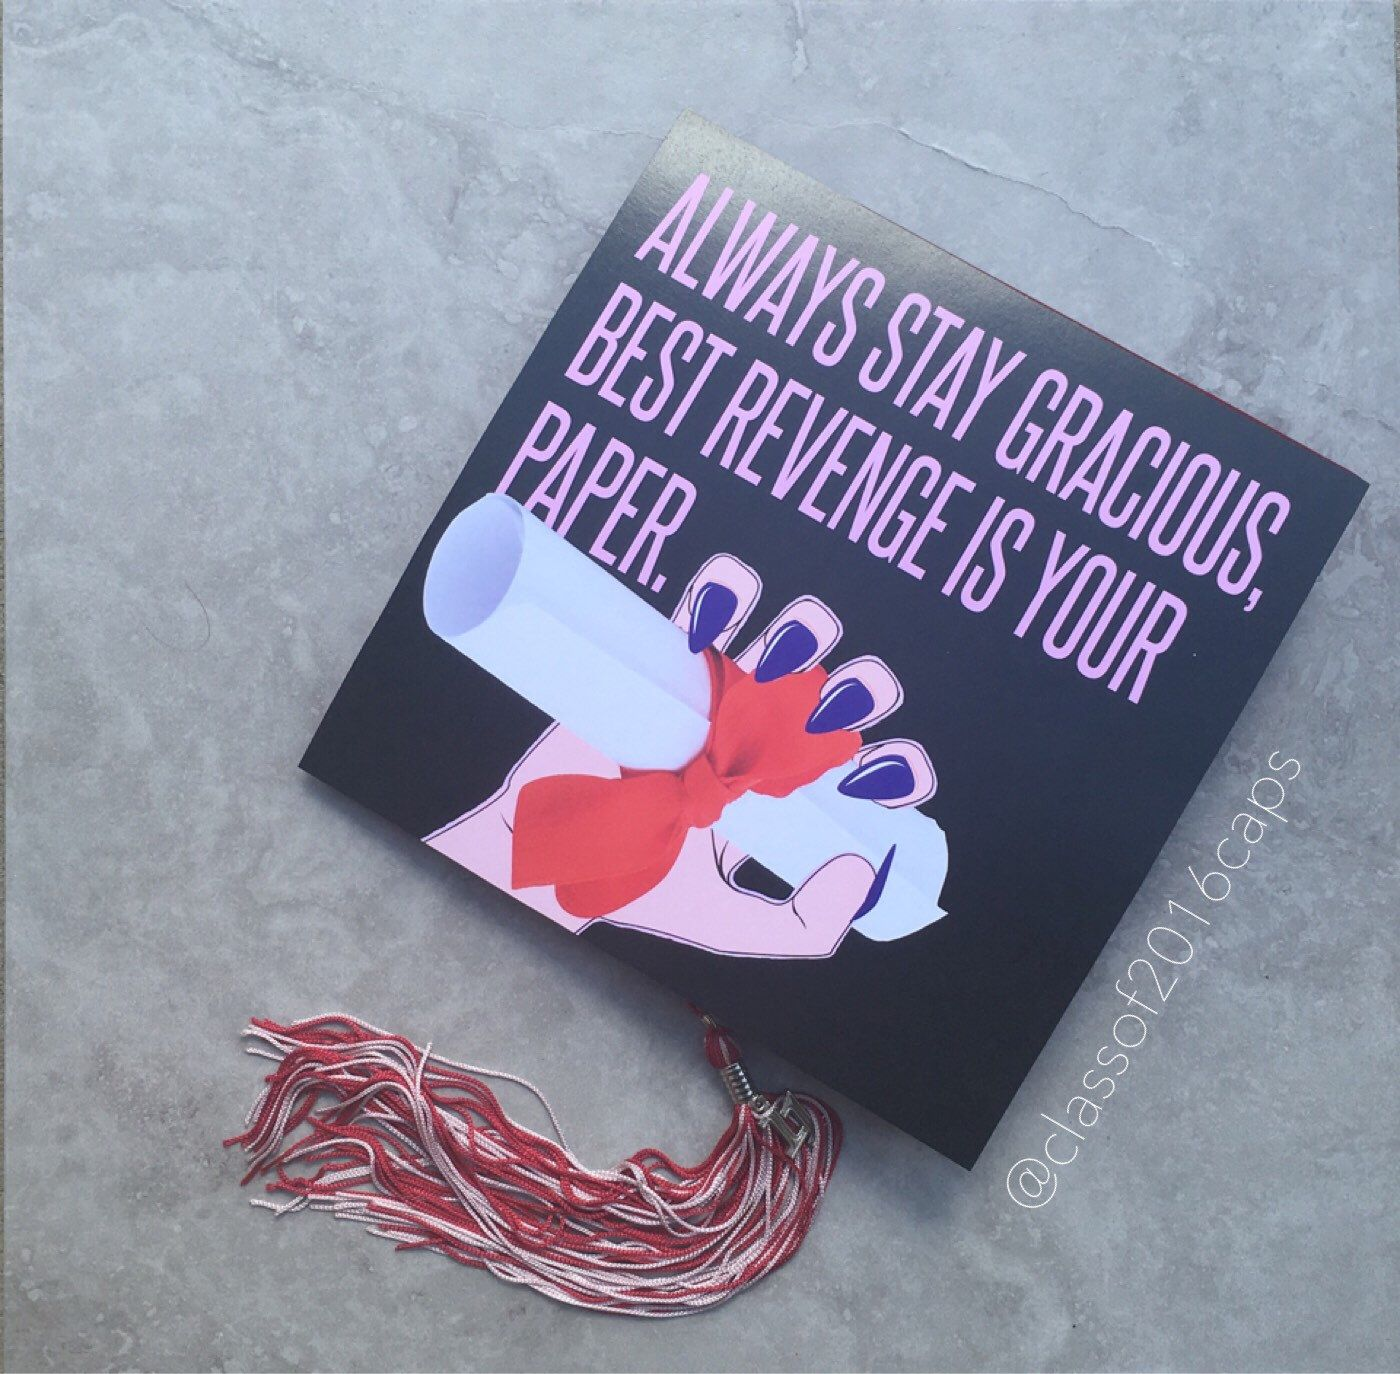 Small Crop Of Graduation Cap Quotes